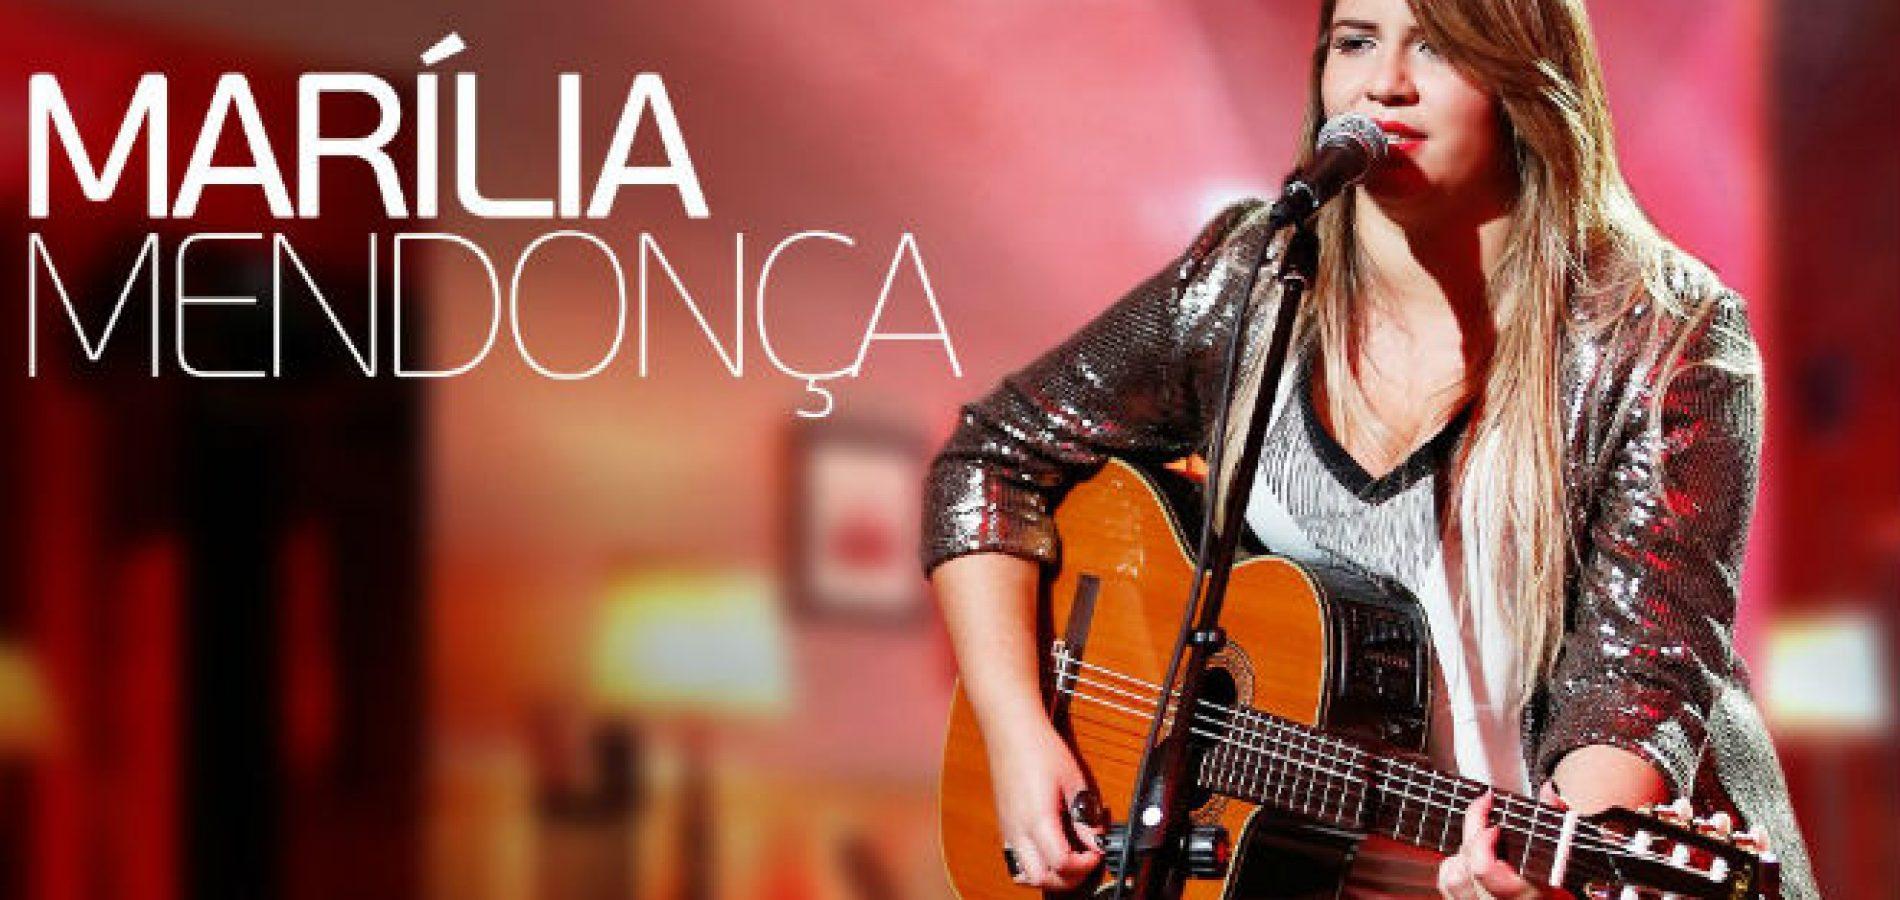 Marília Mendonça faz primeiro show em Picos nesta quinta-feira, 12